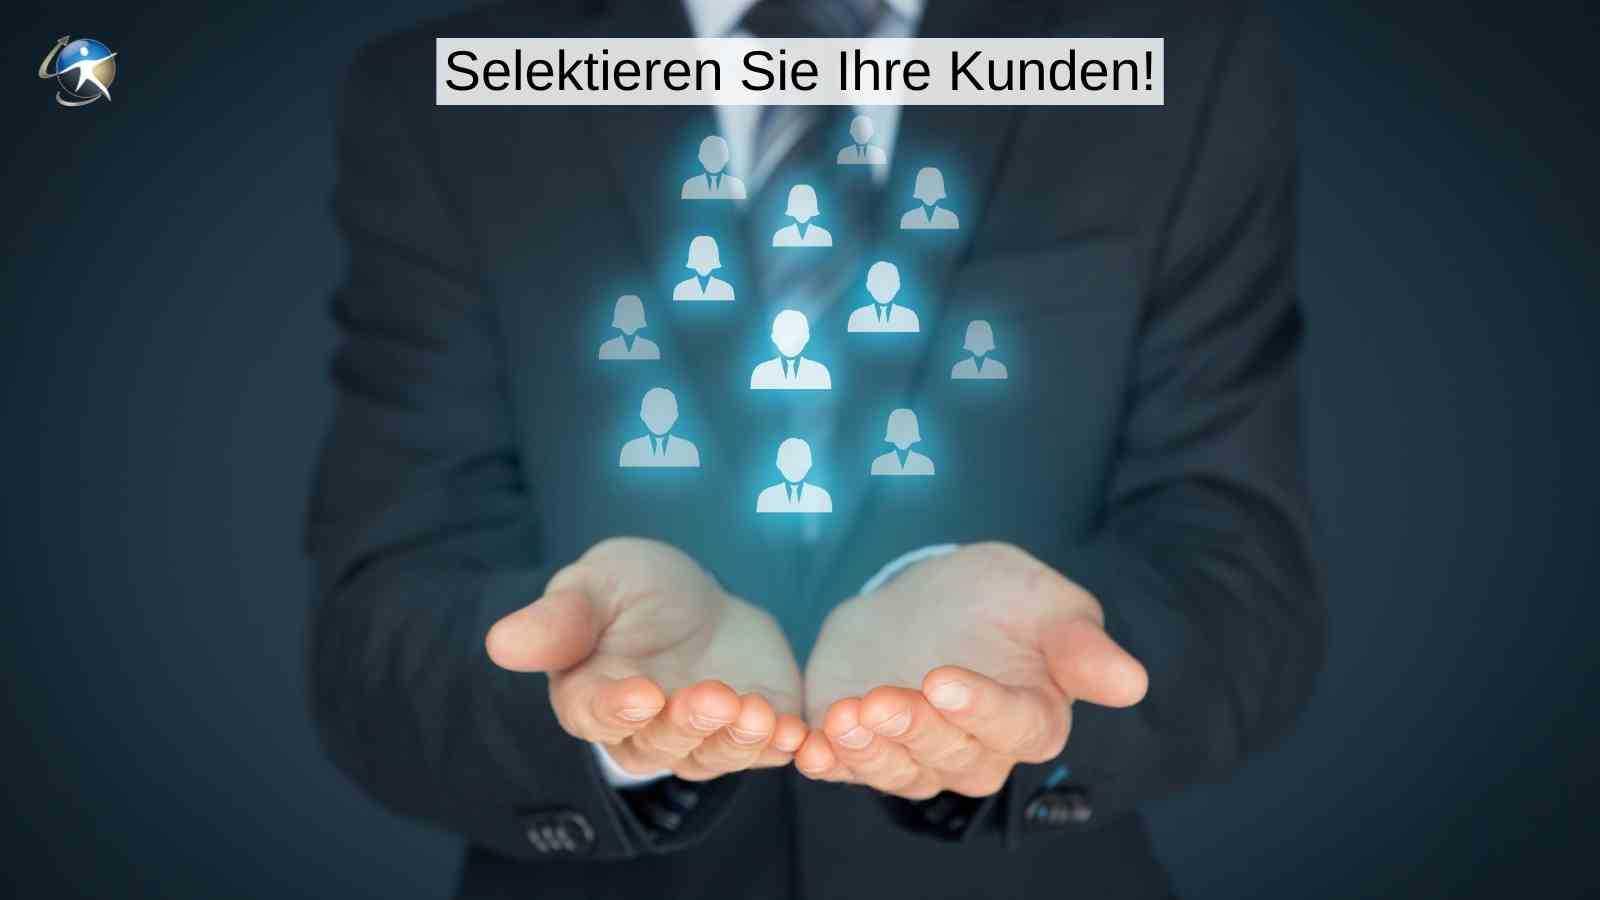 Selektieren Sie Ihre Kunden mit der Online-Beratung